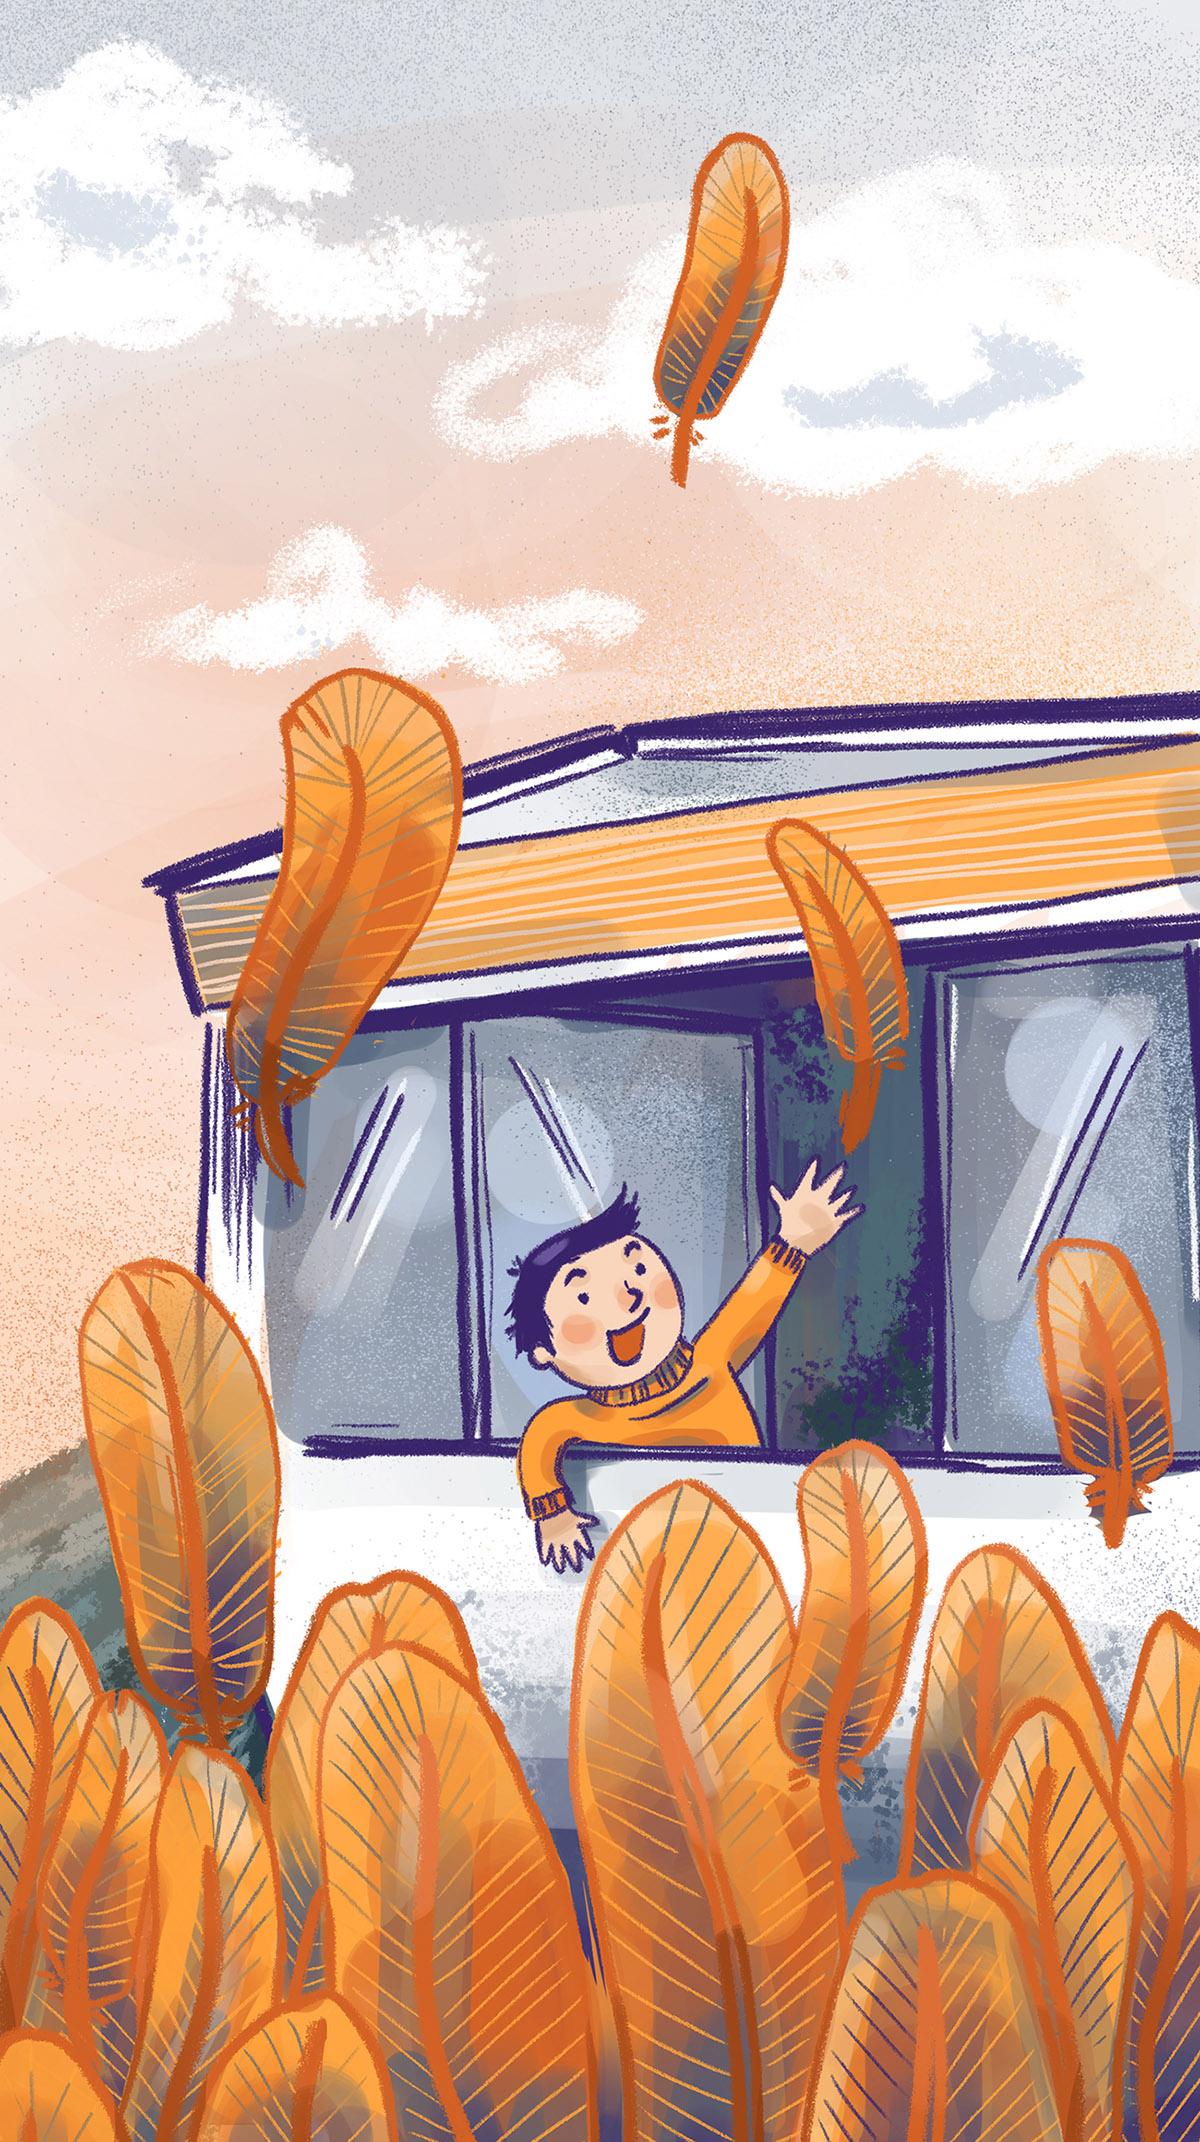 Kids Illustration Junge schaut aus Wohnwagen auf fliegende Federn. Marina Schilling.